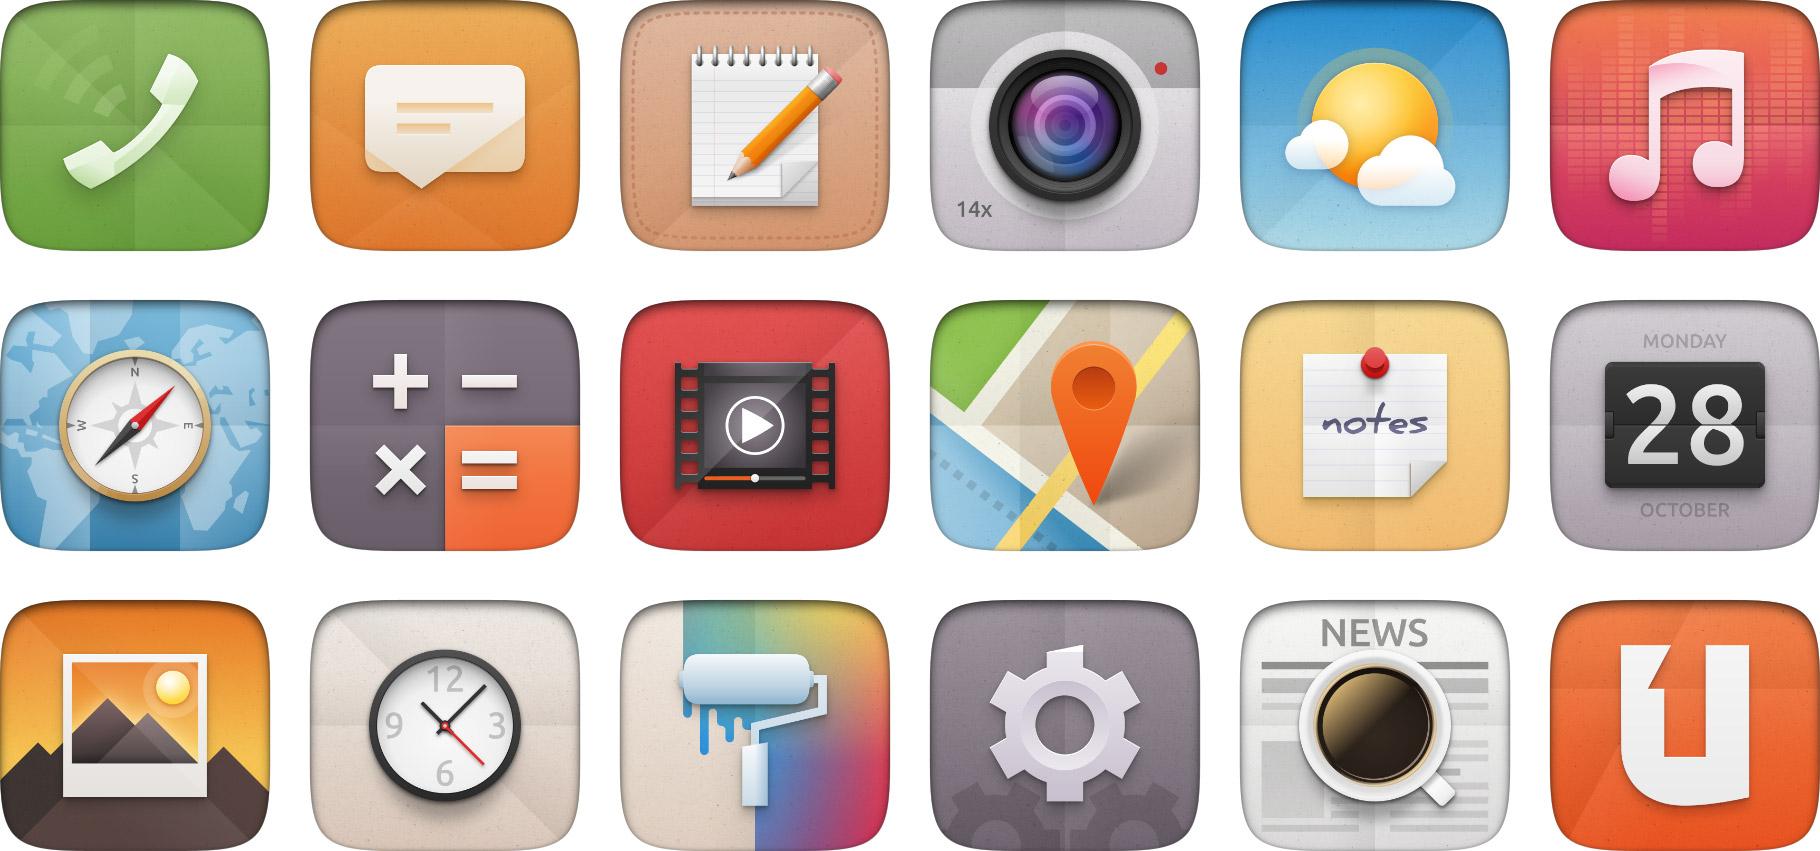 Ubuntu 14 04 Icons